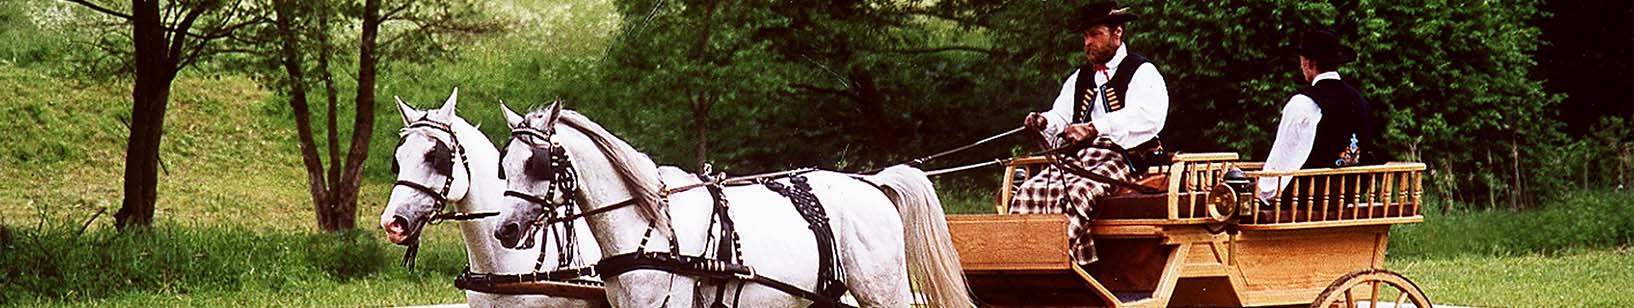 Hřebčín - Chladnokrevné a telokrevné plemena koní Shagya Arab, Norik